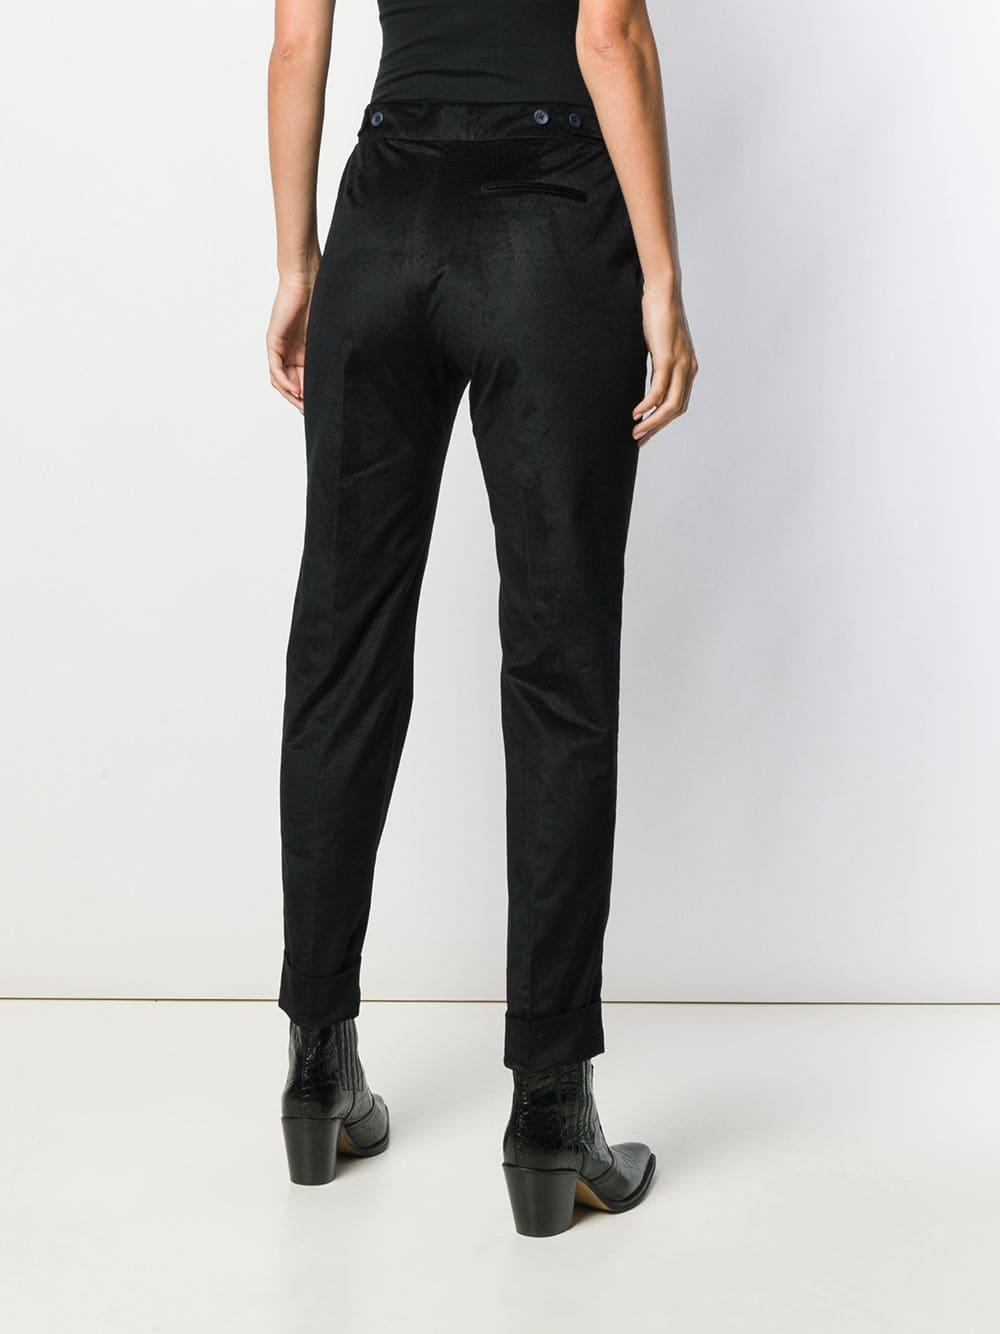 Pantalones pitillo capri PT01 de Algodón de color Negro